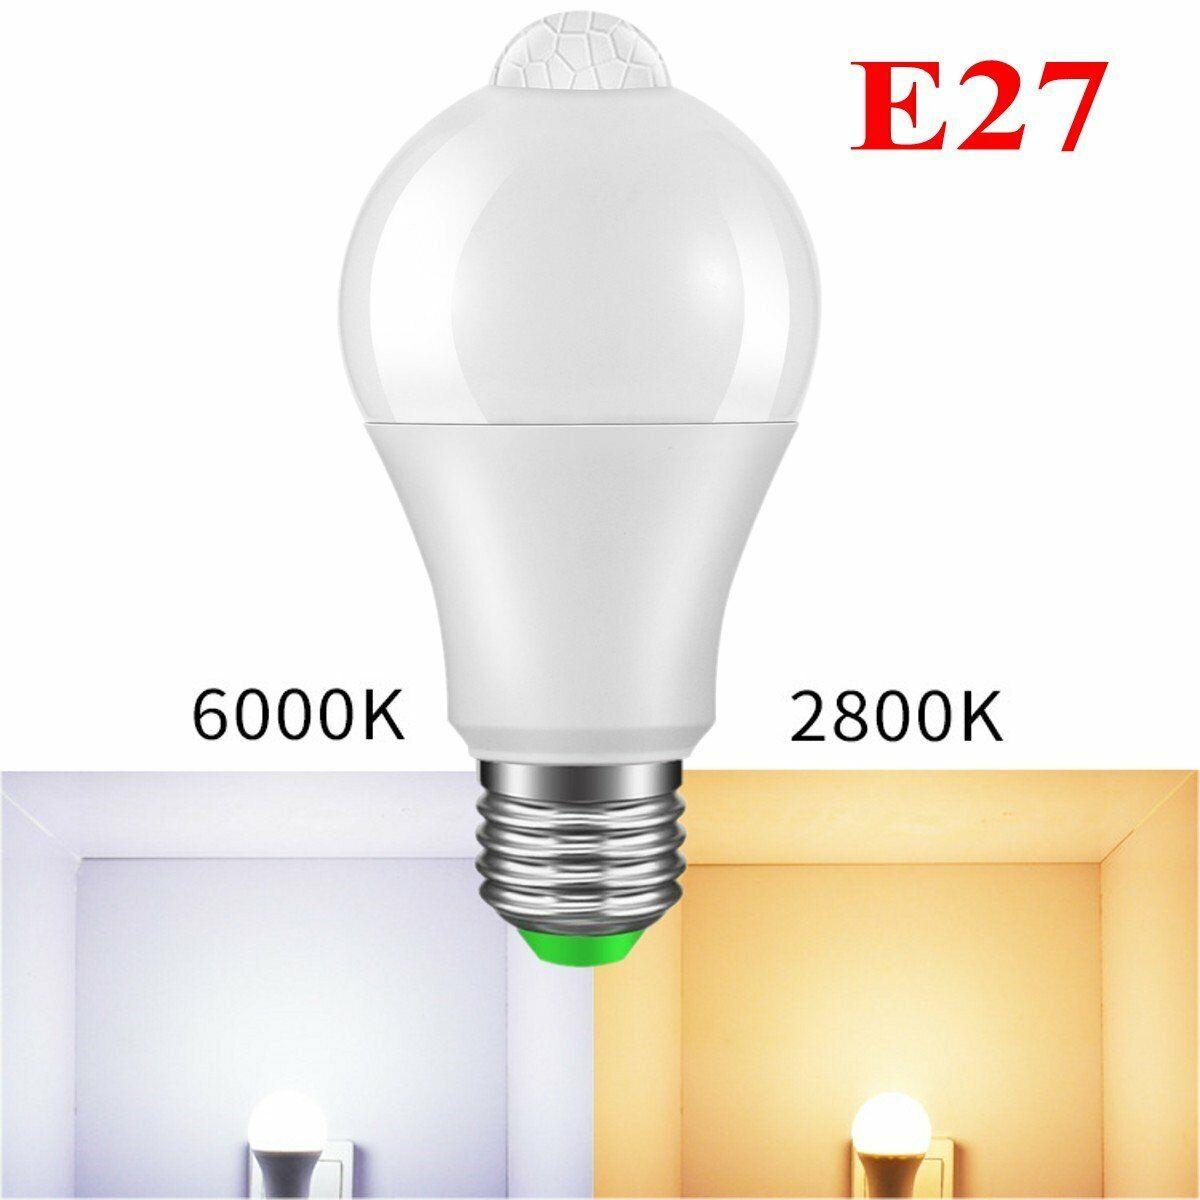 LED light Engine Warm White 24w Toshiba LEV162324M830TE Energy Saving LED Lamp